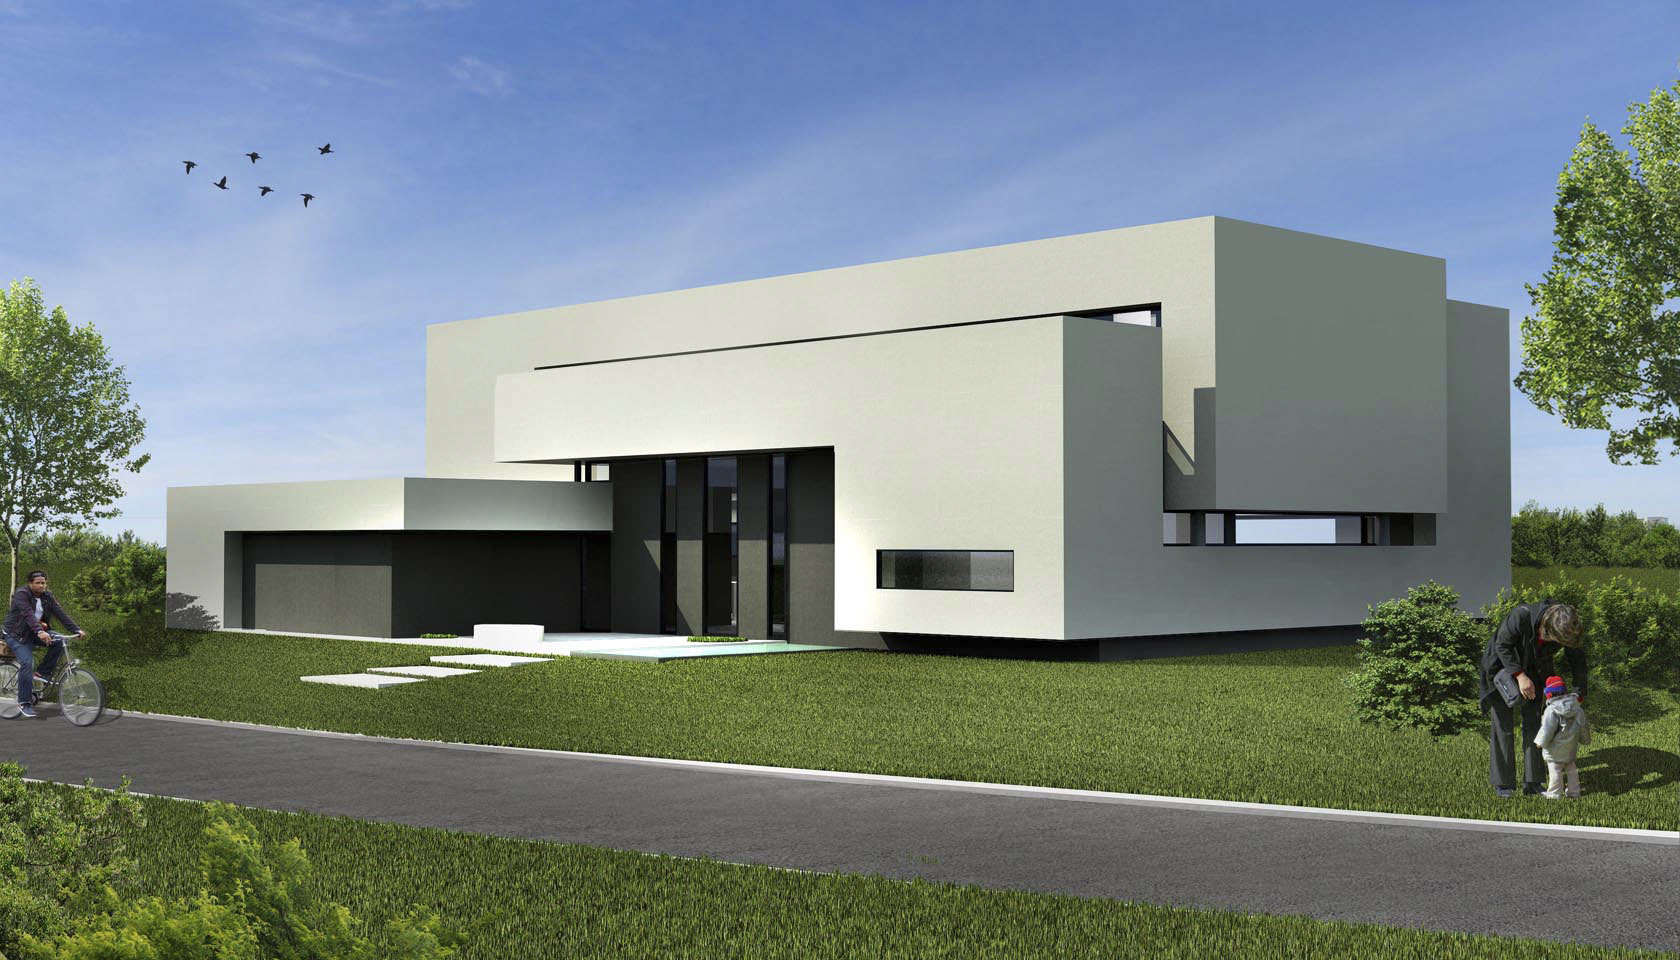 Casas contemporáneas, arquitectura minimalista, casas en hormigón